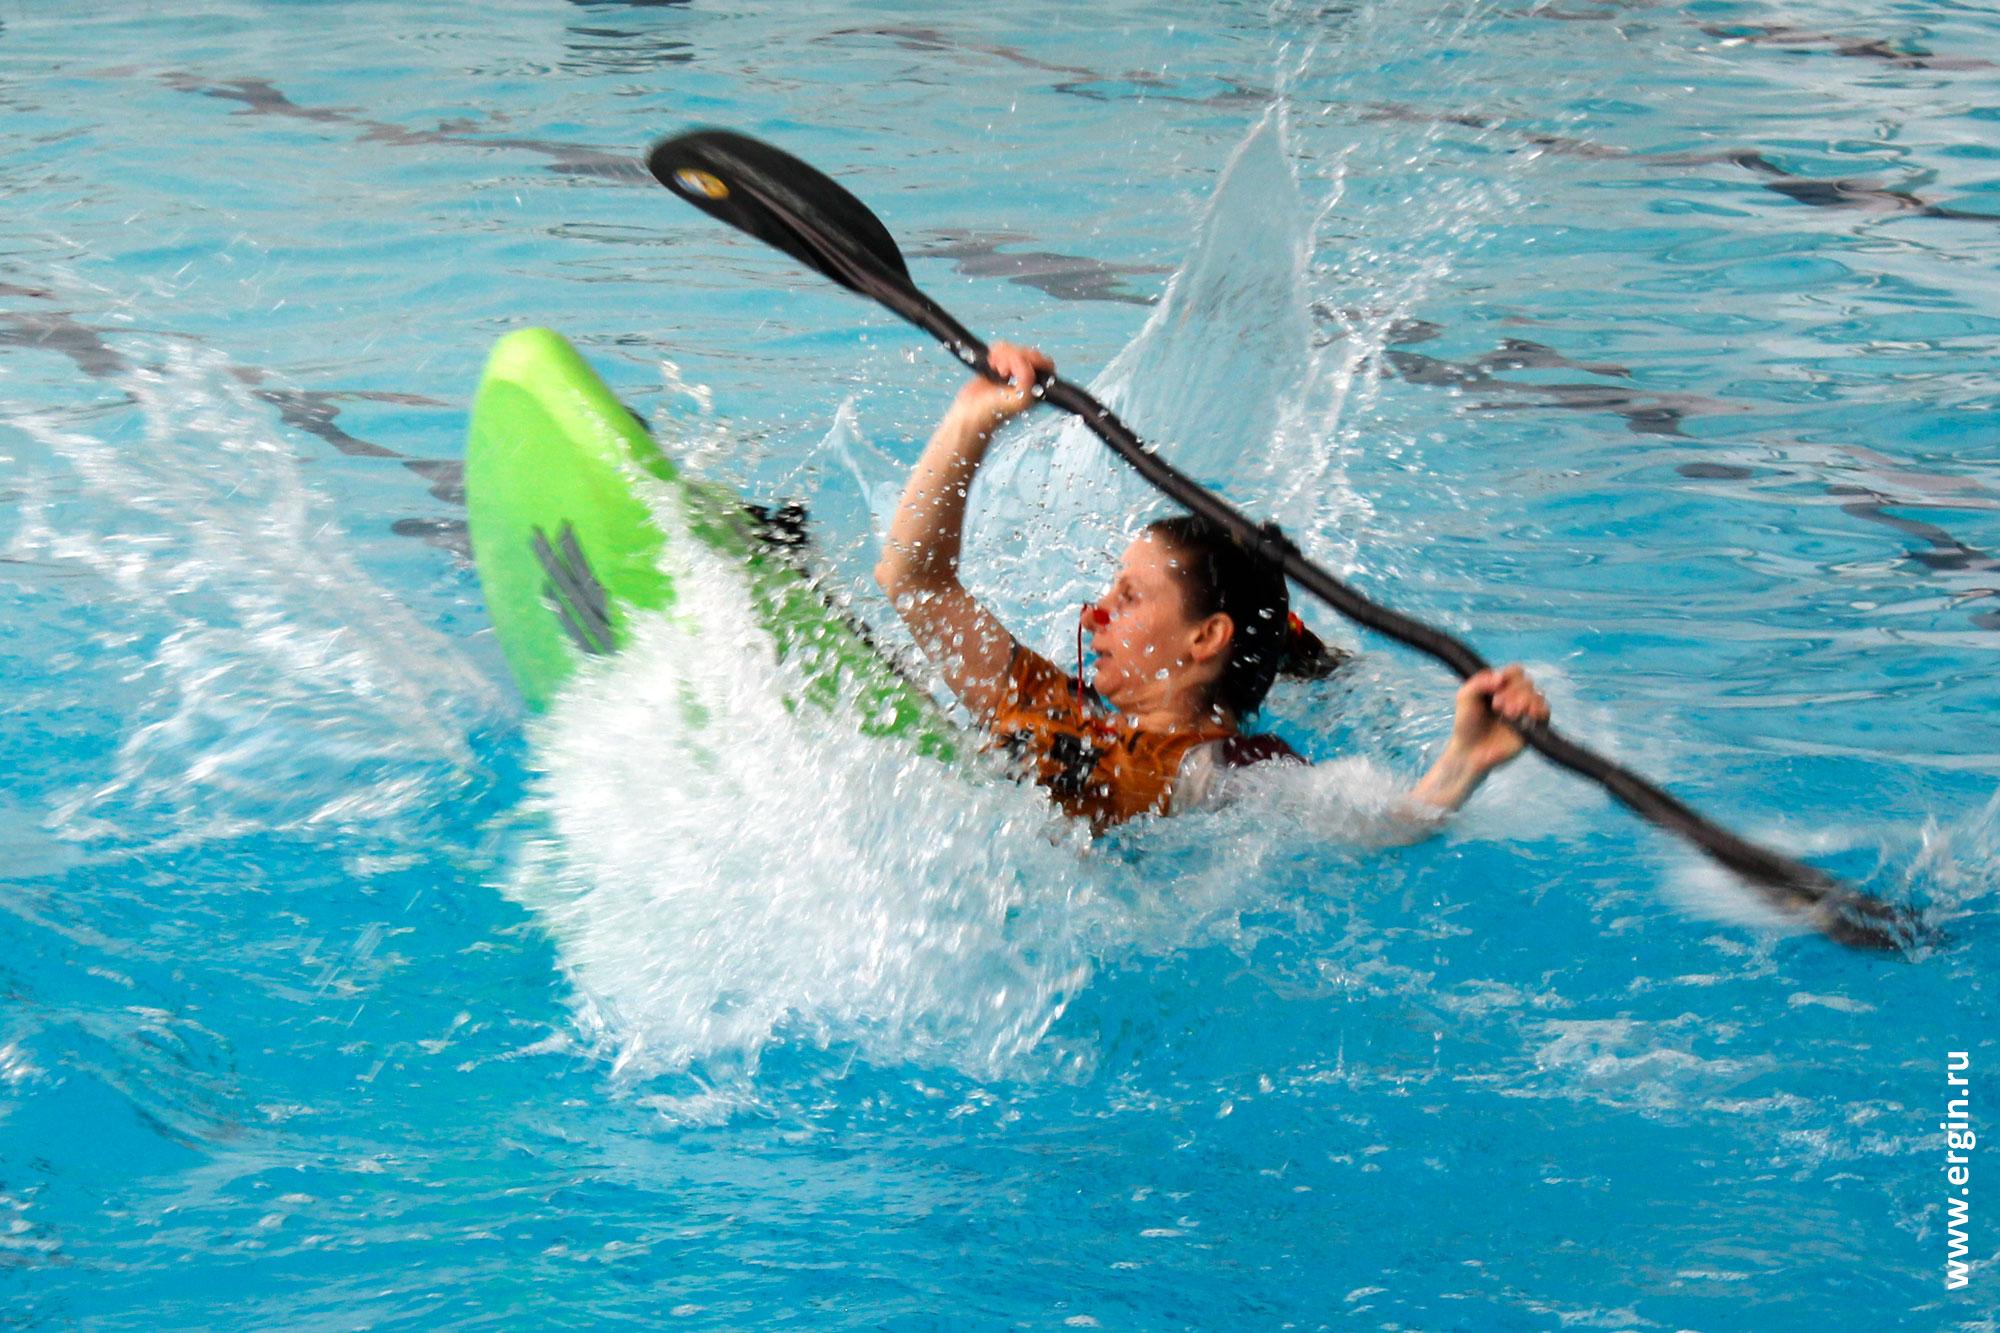 фристайл-каякинг на гладкой воде в бассейне соревнования